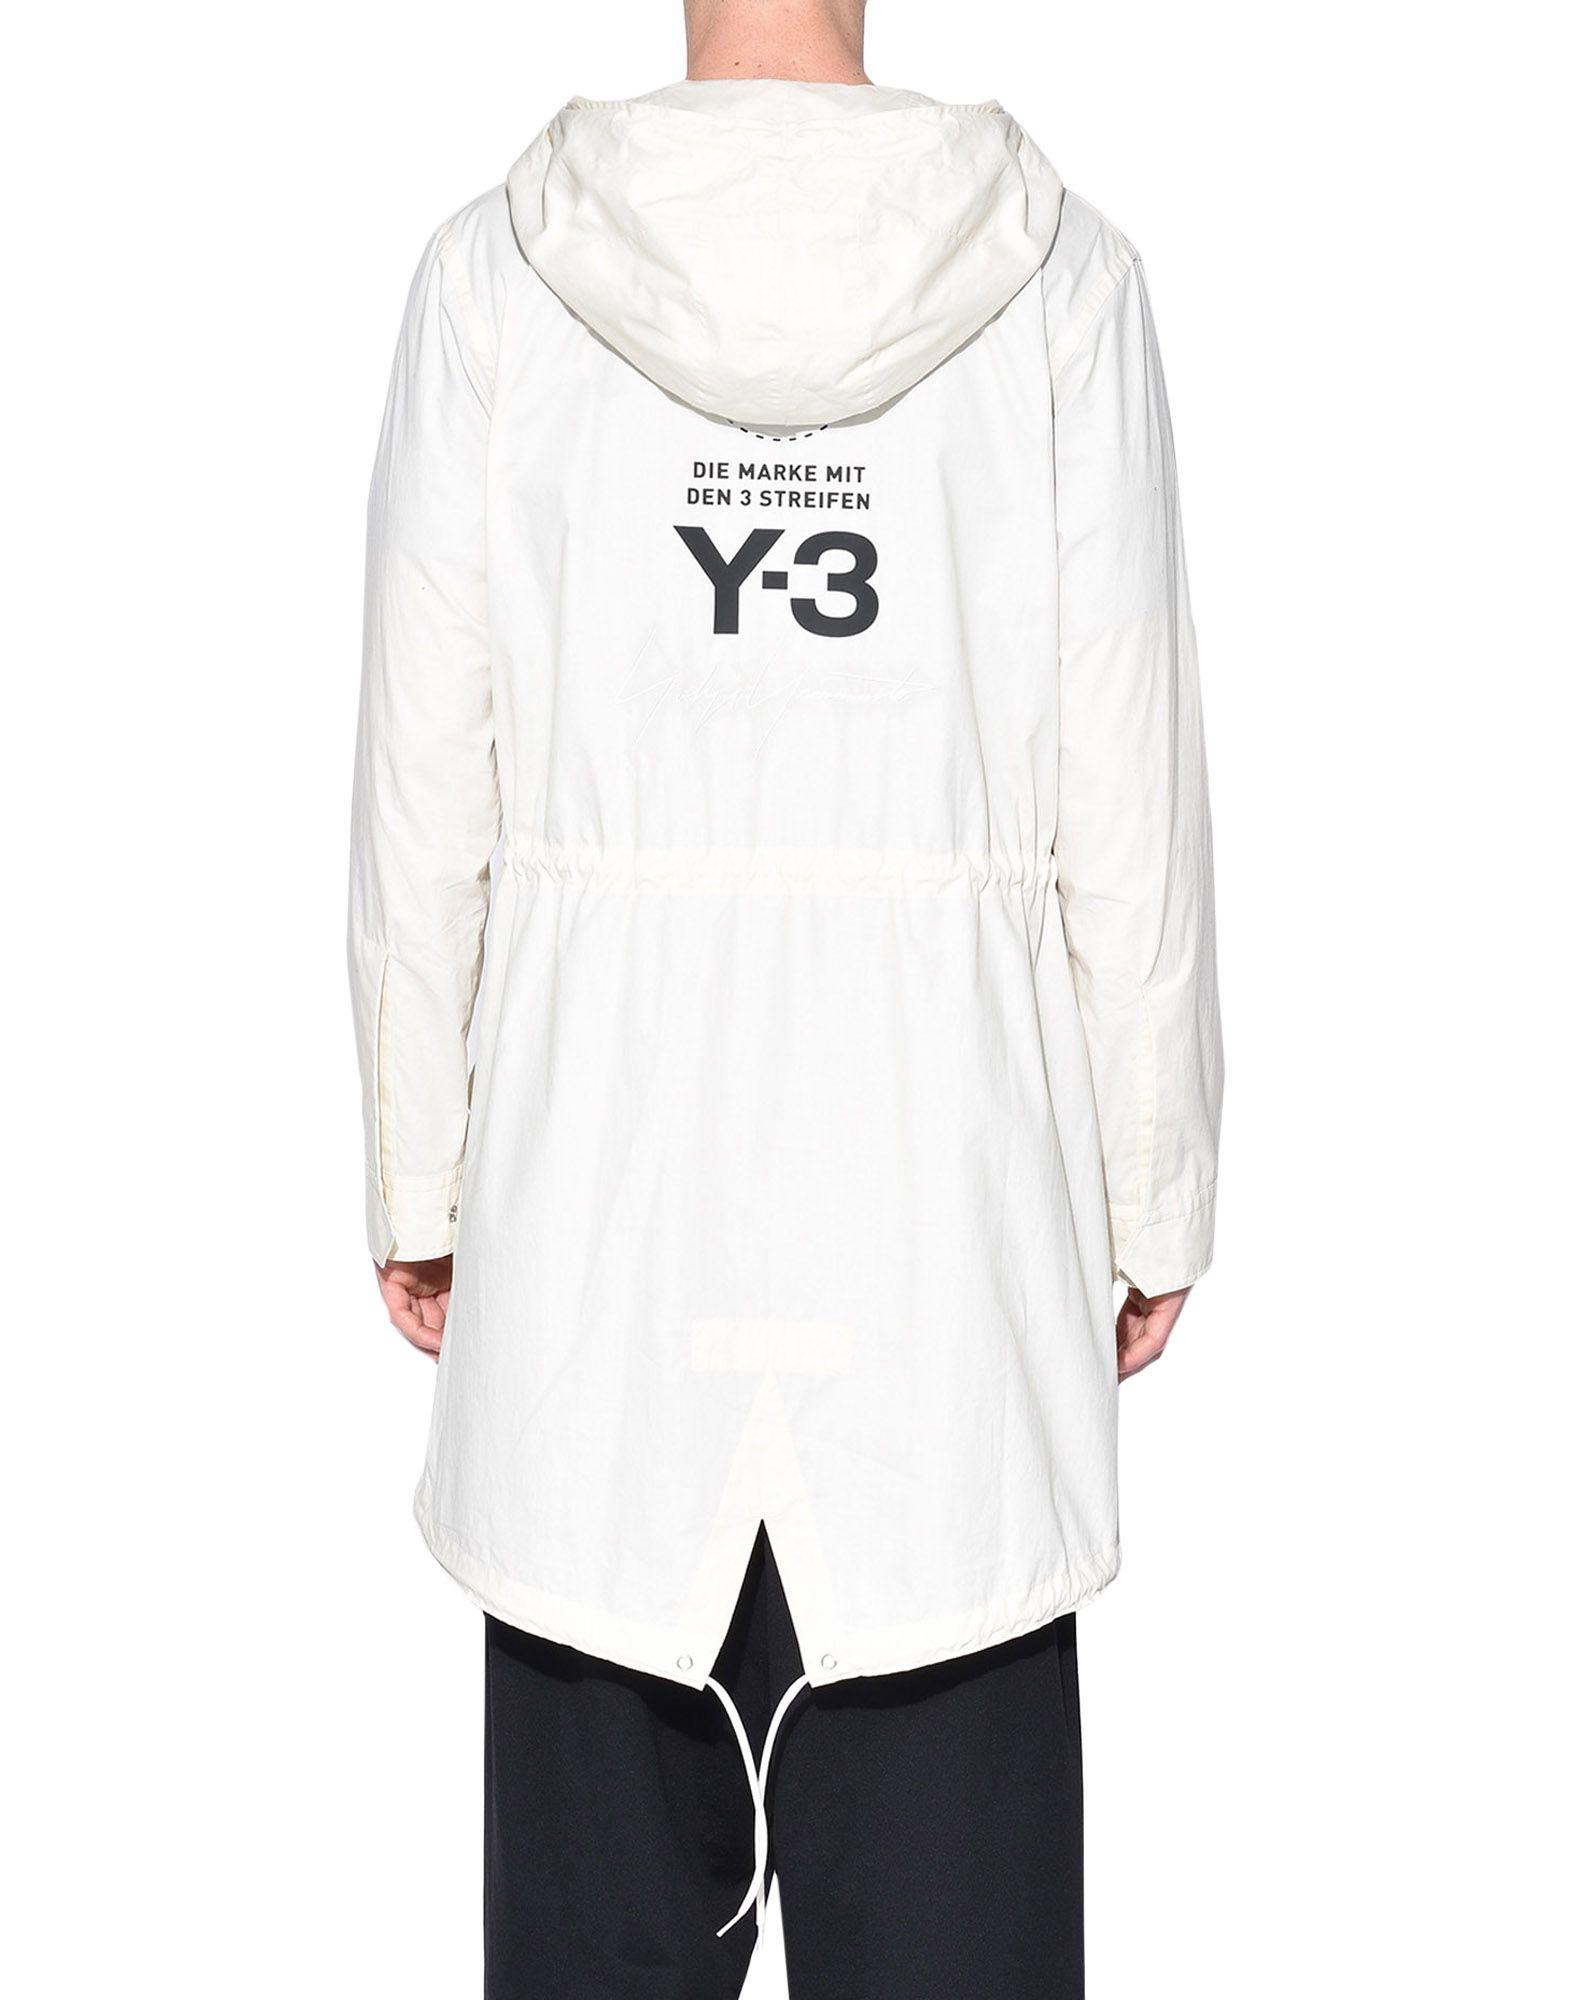 Y-3 Y-3 Mod Parka Shirt フォーマルジャケット メンズ d